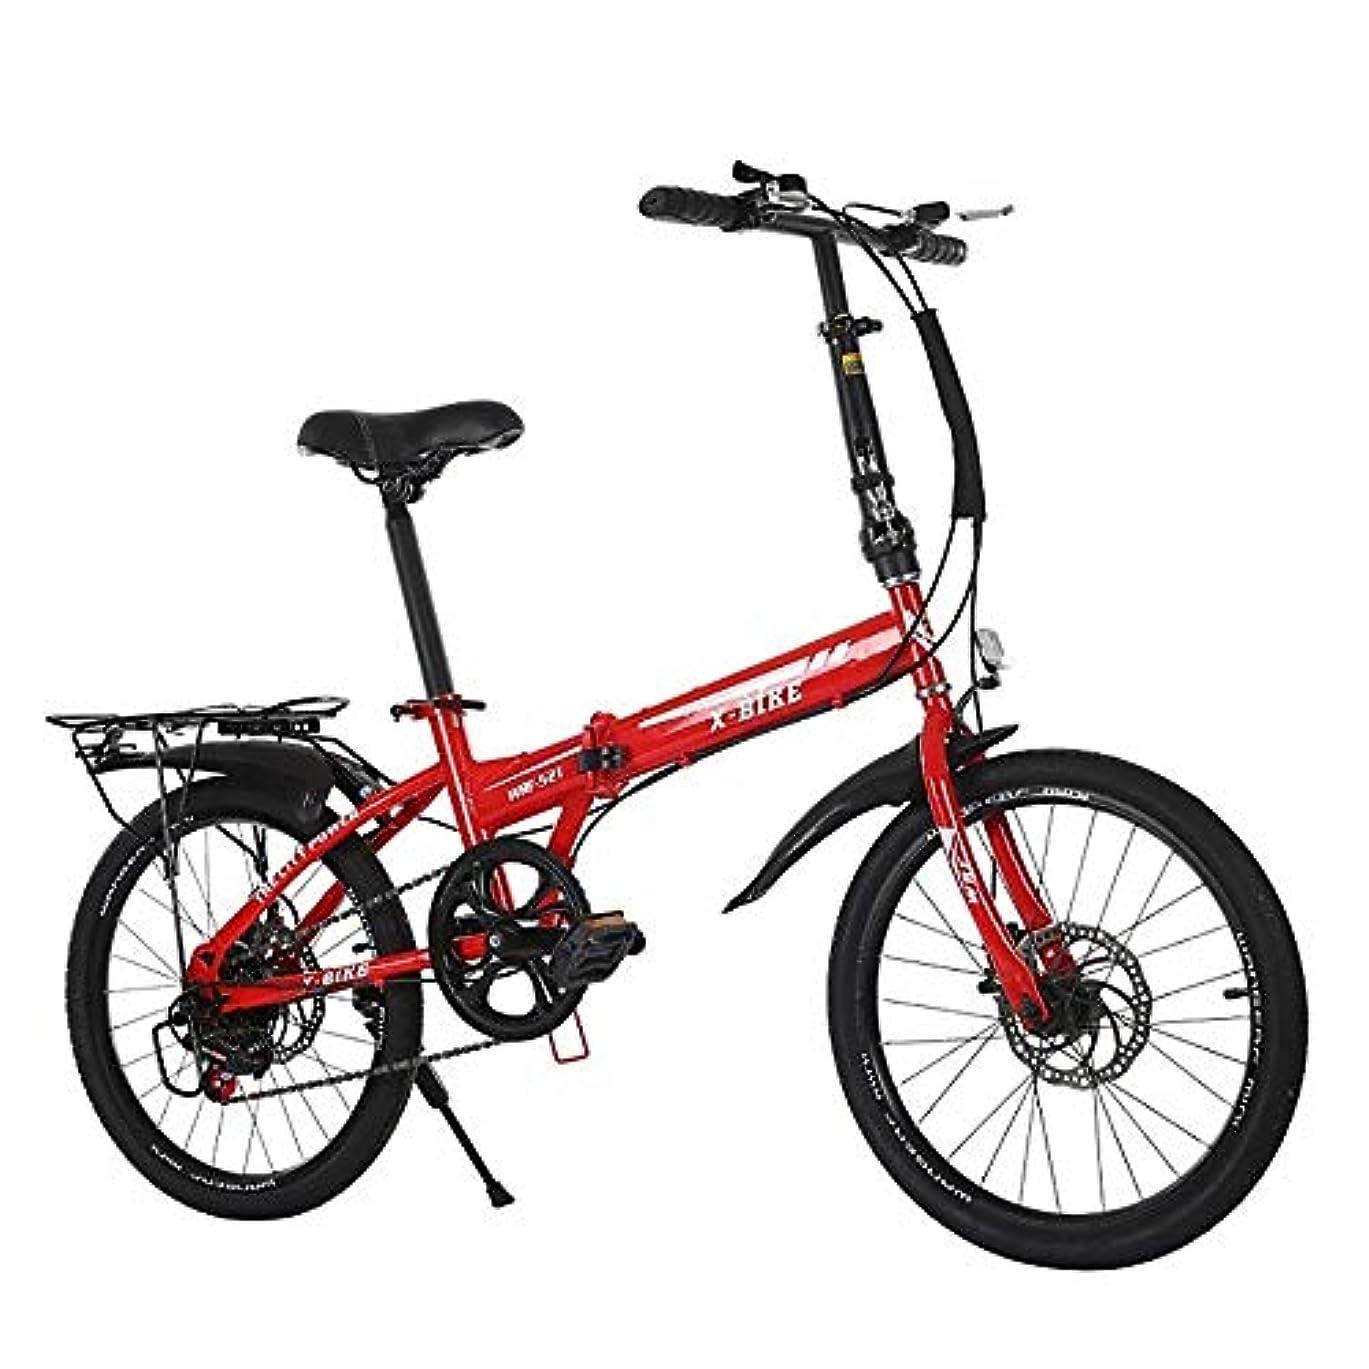 付添人群集軽く軽量折りたたみ自転車、ポータブル折りたたみ自転車、リアキャリーラックと7速ドライブトレイン、20インチホイール、通勤や徒歩での通勤のためのコンパクトな折りたたみ自転車 (Color : A, Size : 20)